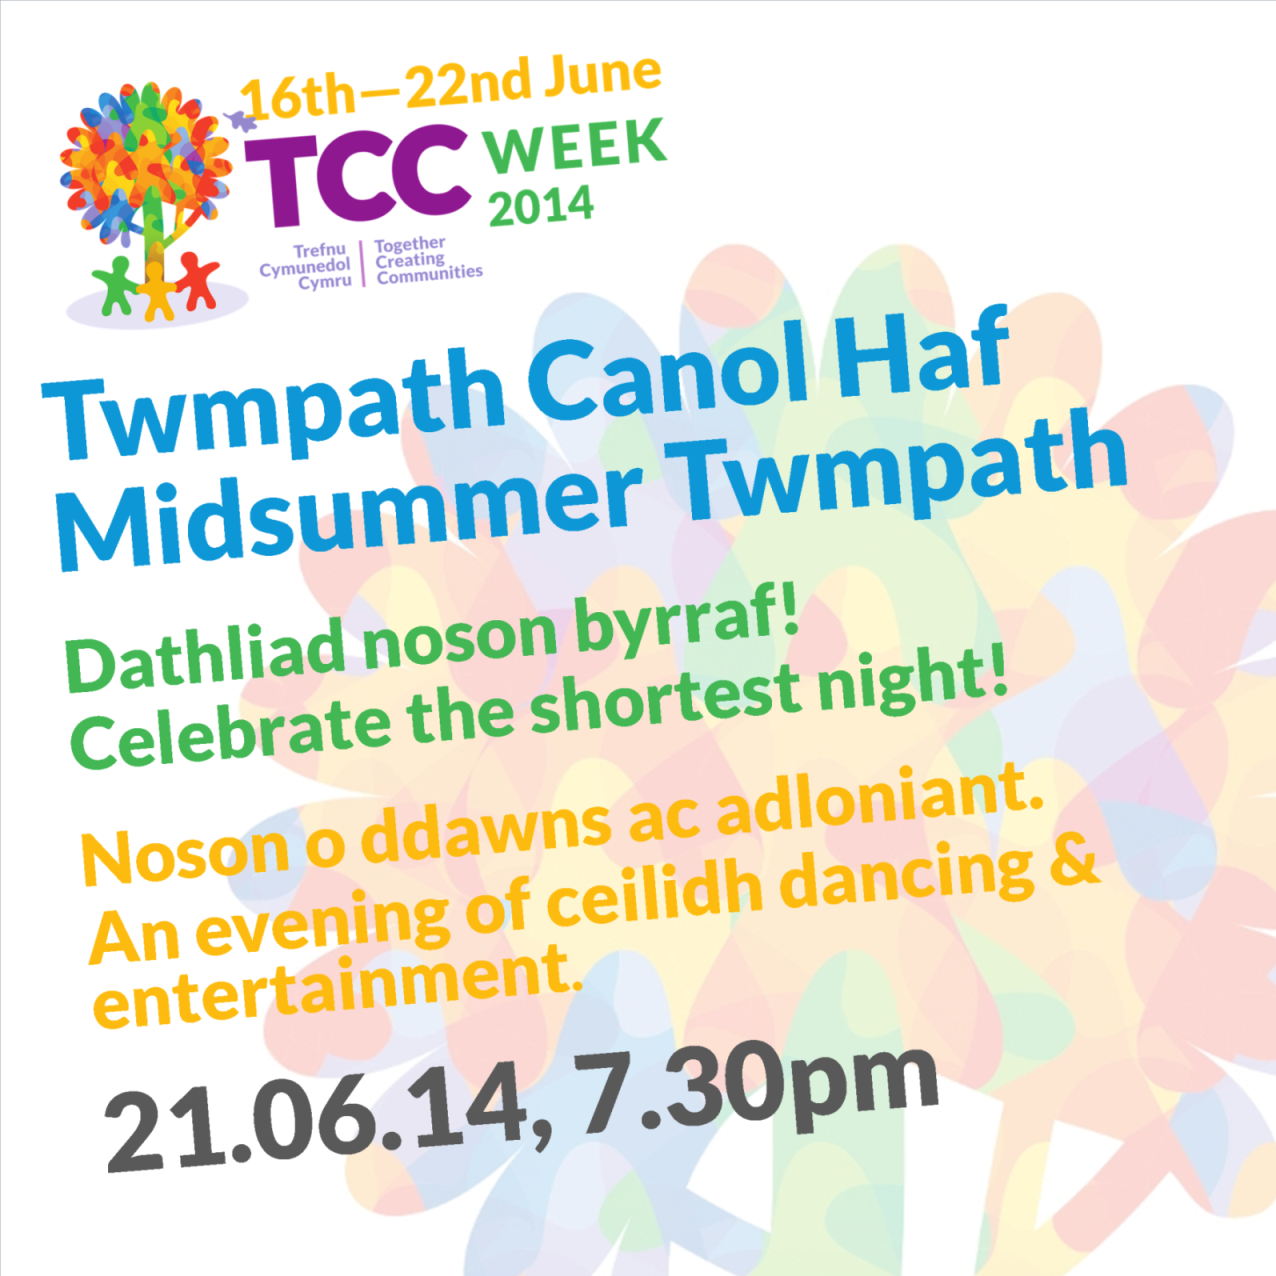 Midsummer Twmpath - 21st June